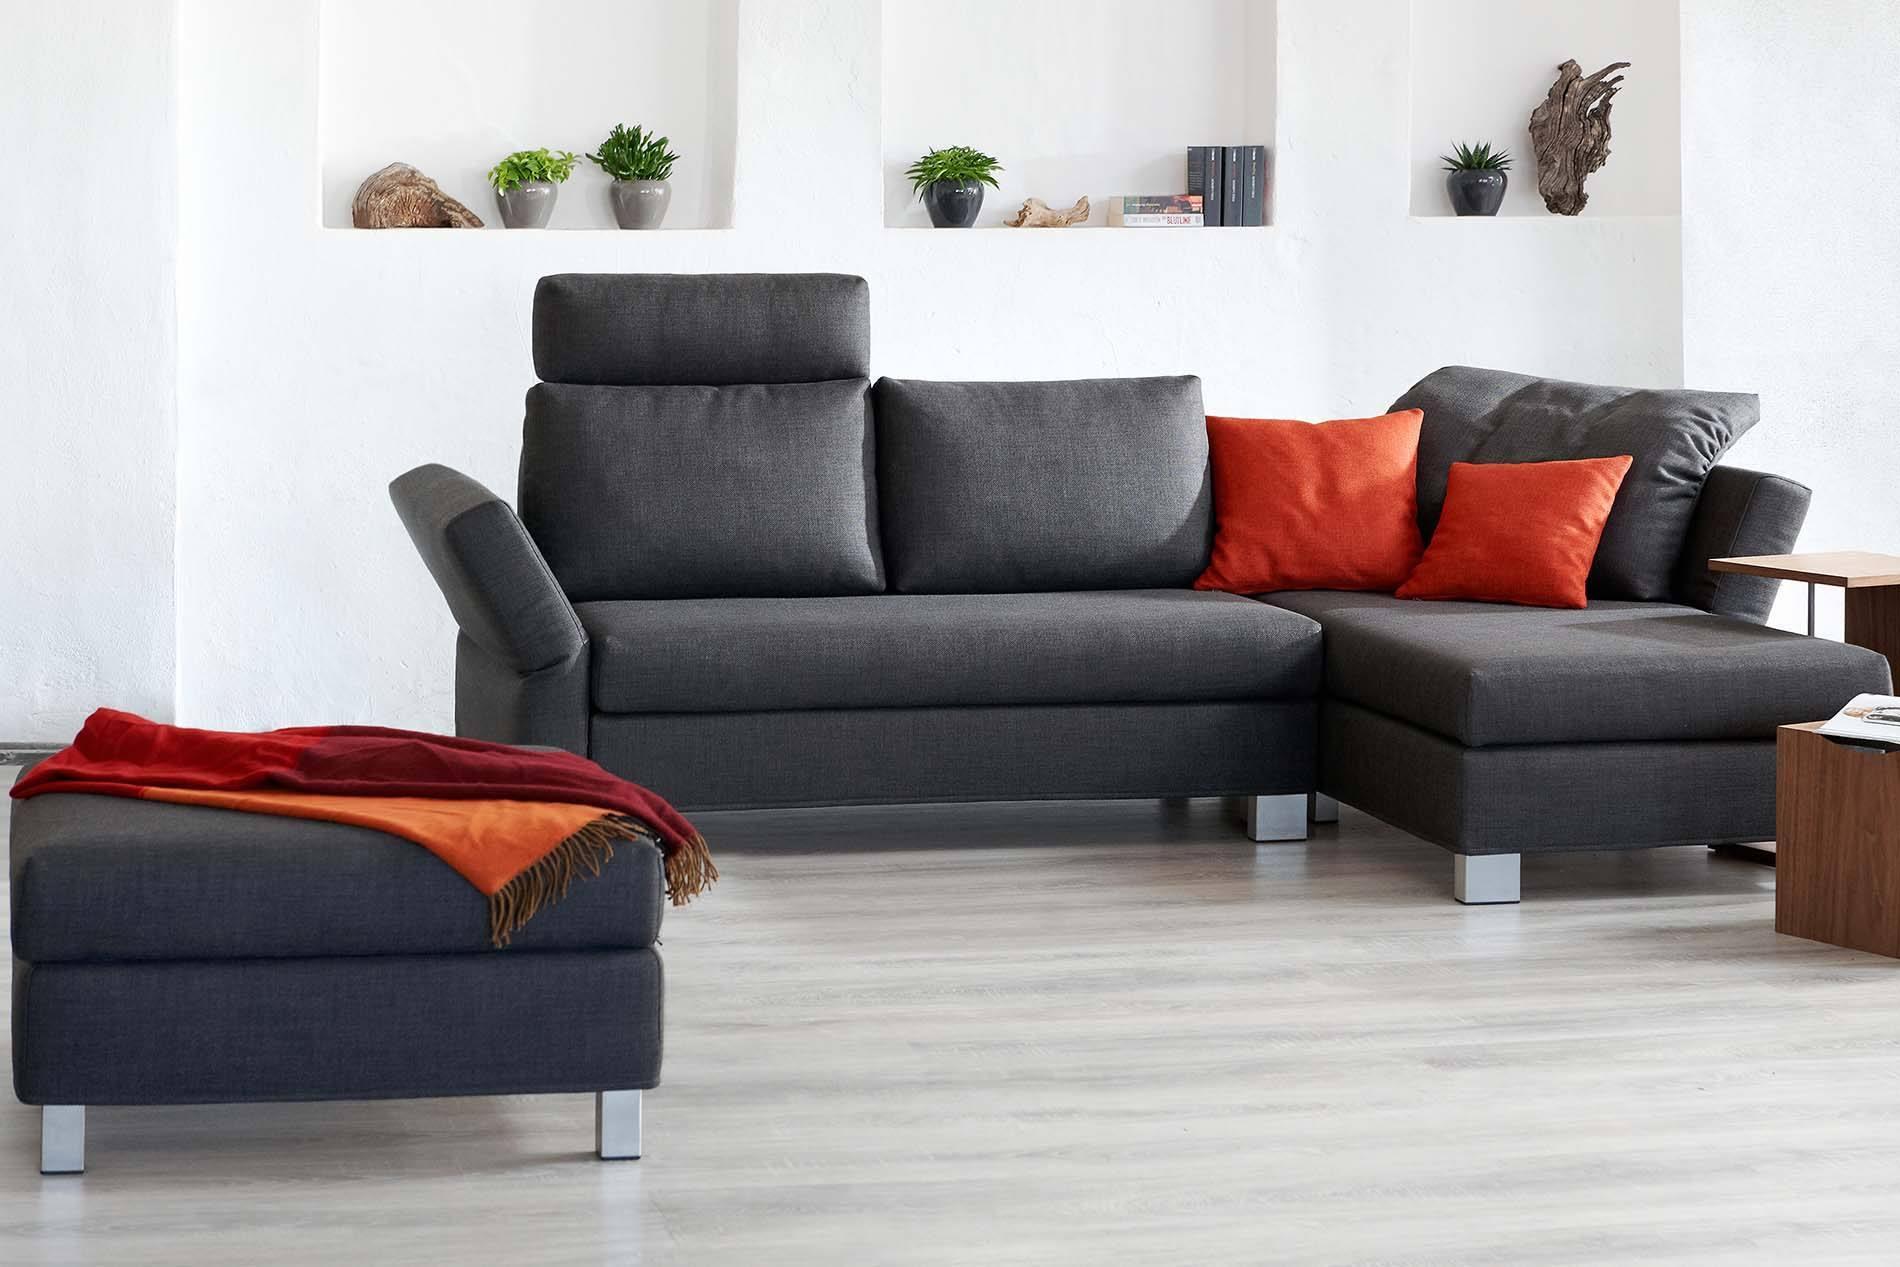 ecksofa good life von signet mit integrierten schlafsofa. Black Bedroom Furniture Sets. Home Design Ideas